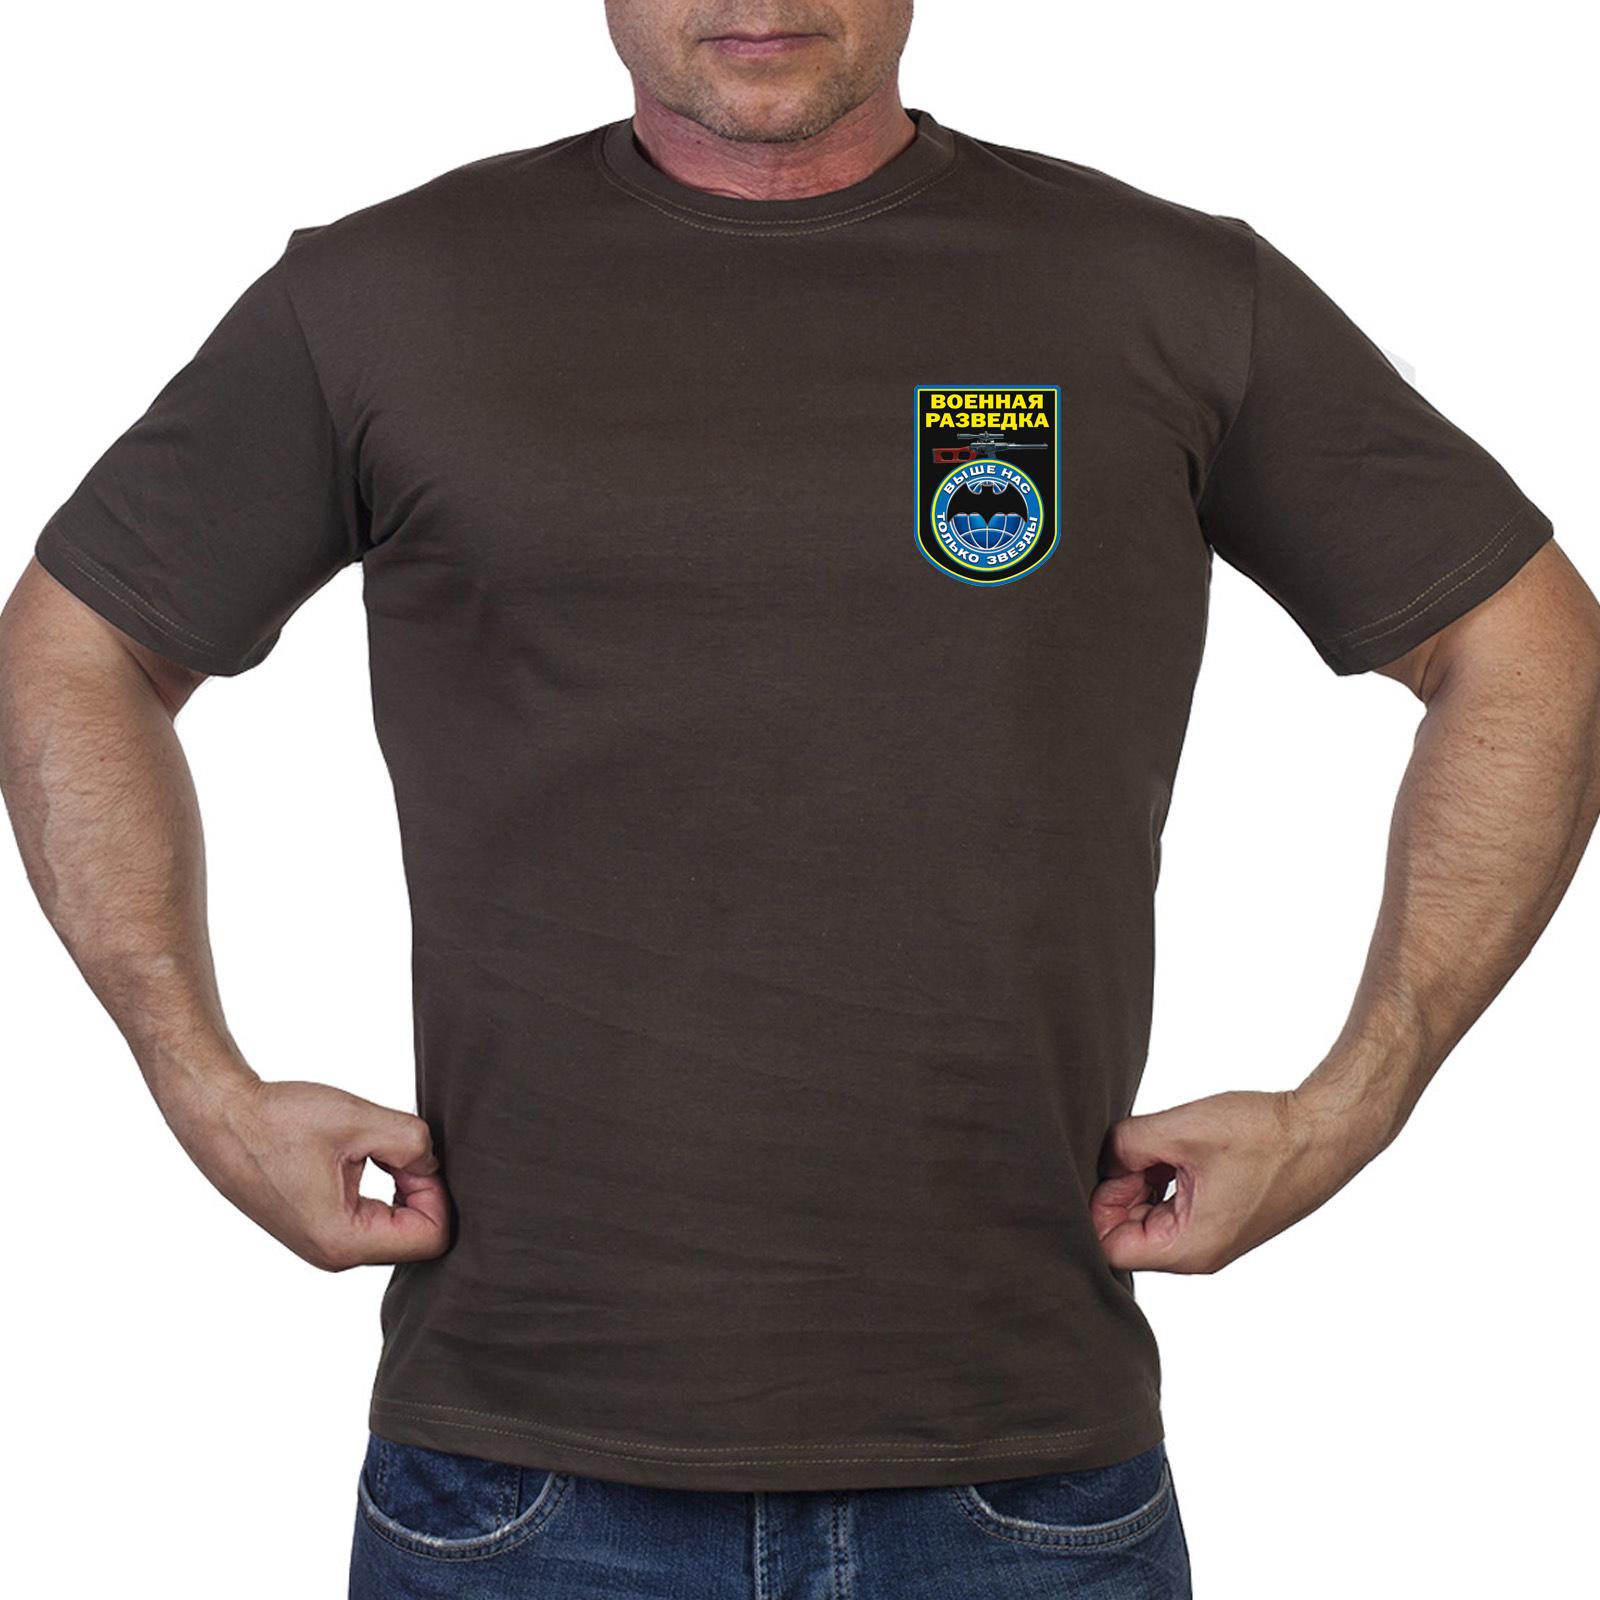 Оливковая футболка Военная разведка с девизом